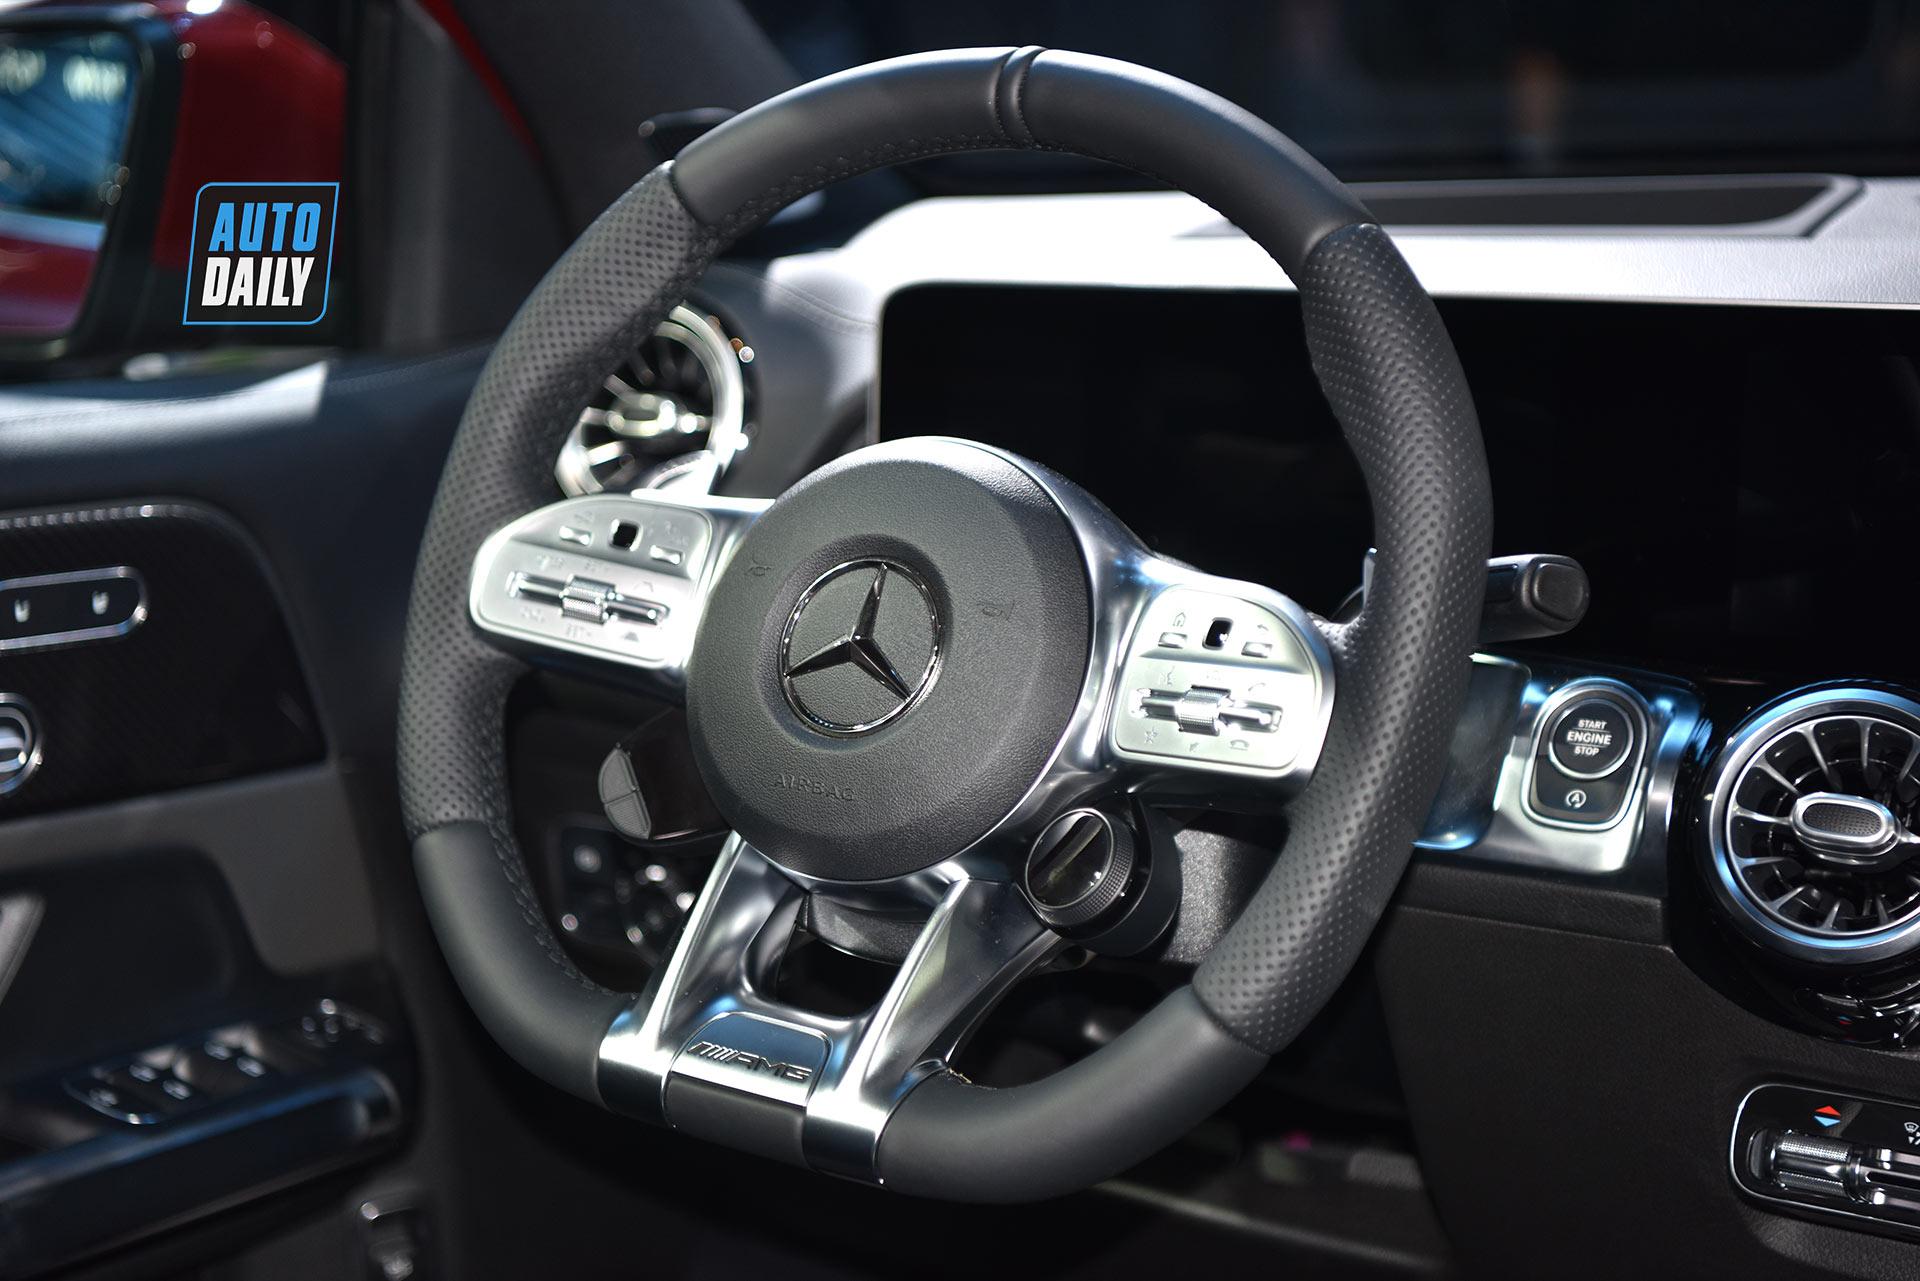 mercedes-glb-2020-autodaily-013.jpg